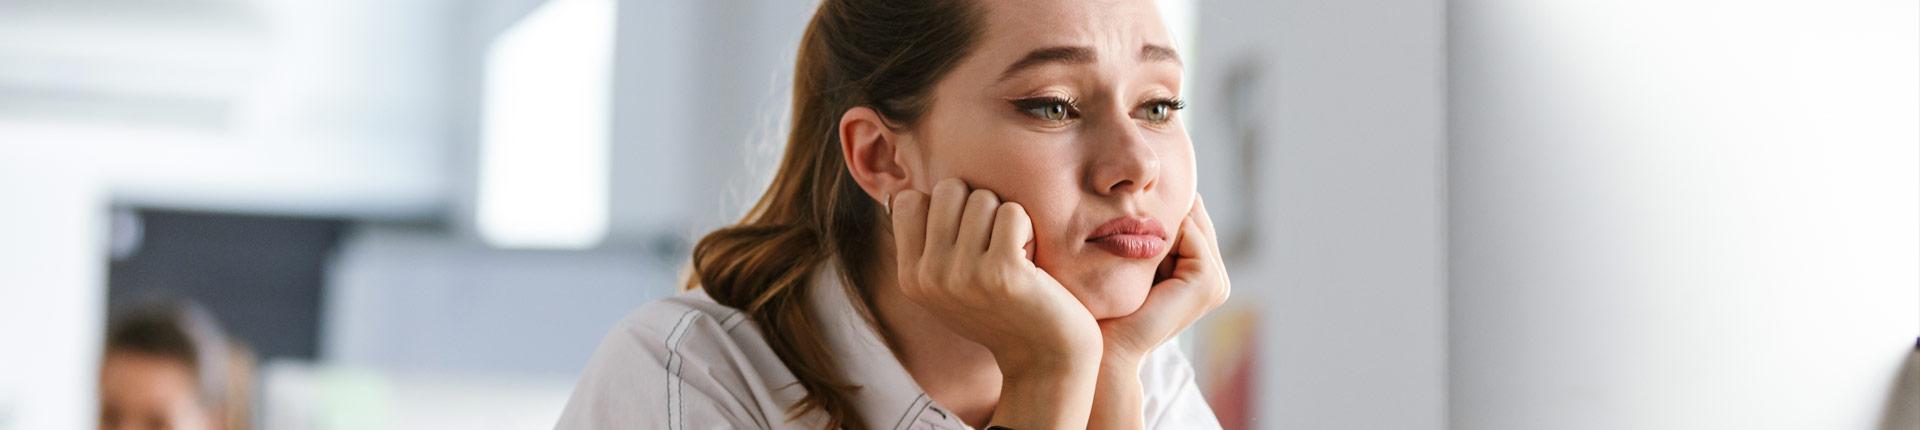 Syndrom poniedziałku - jak pokonać niechęć do poniedziałków?